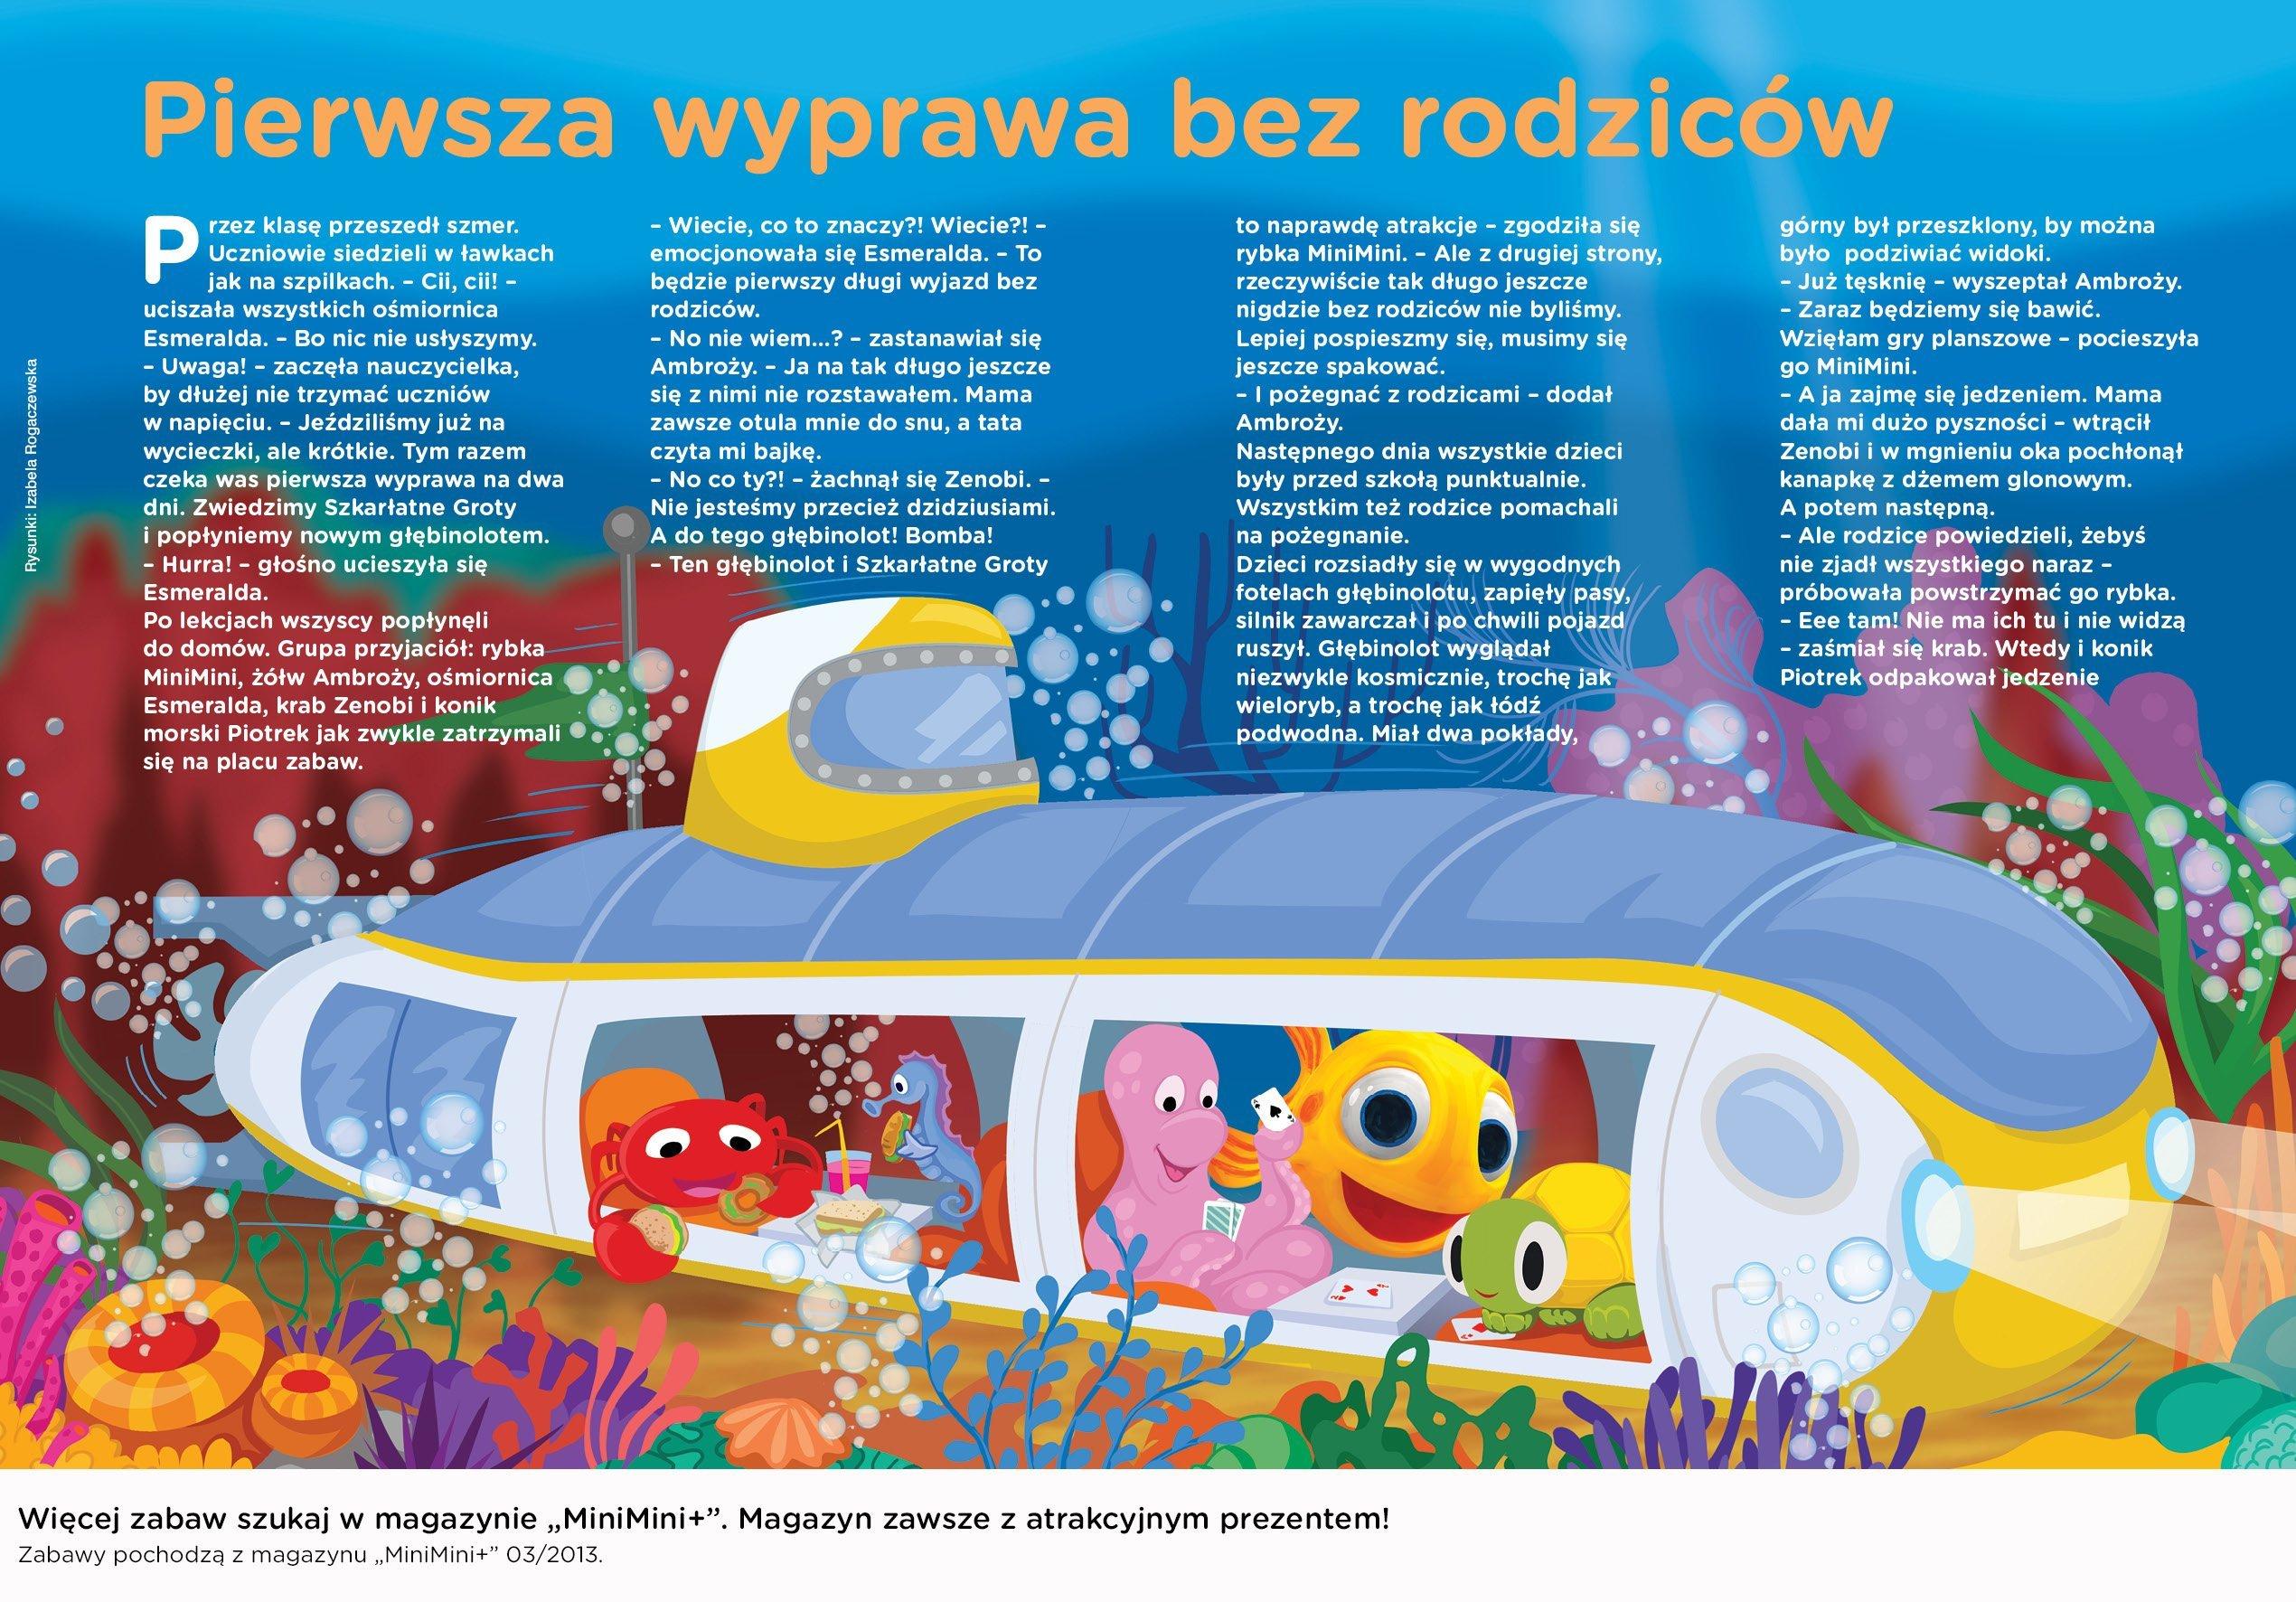 Przygody Rybki MiniMini bajka do czytania dziecku